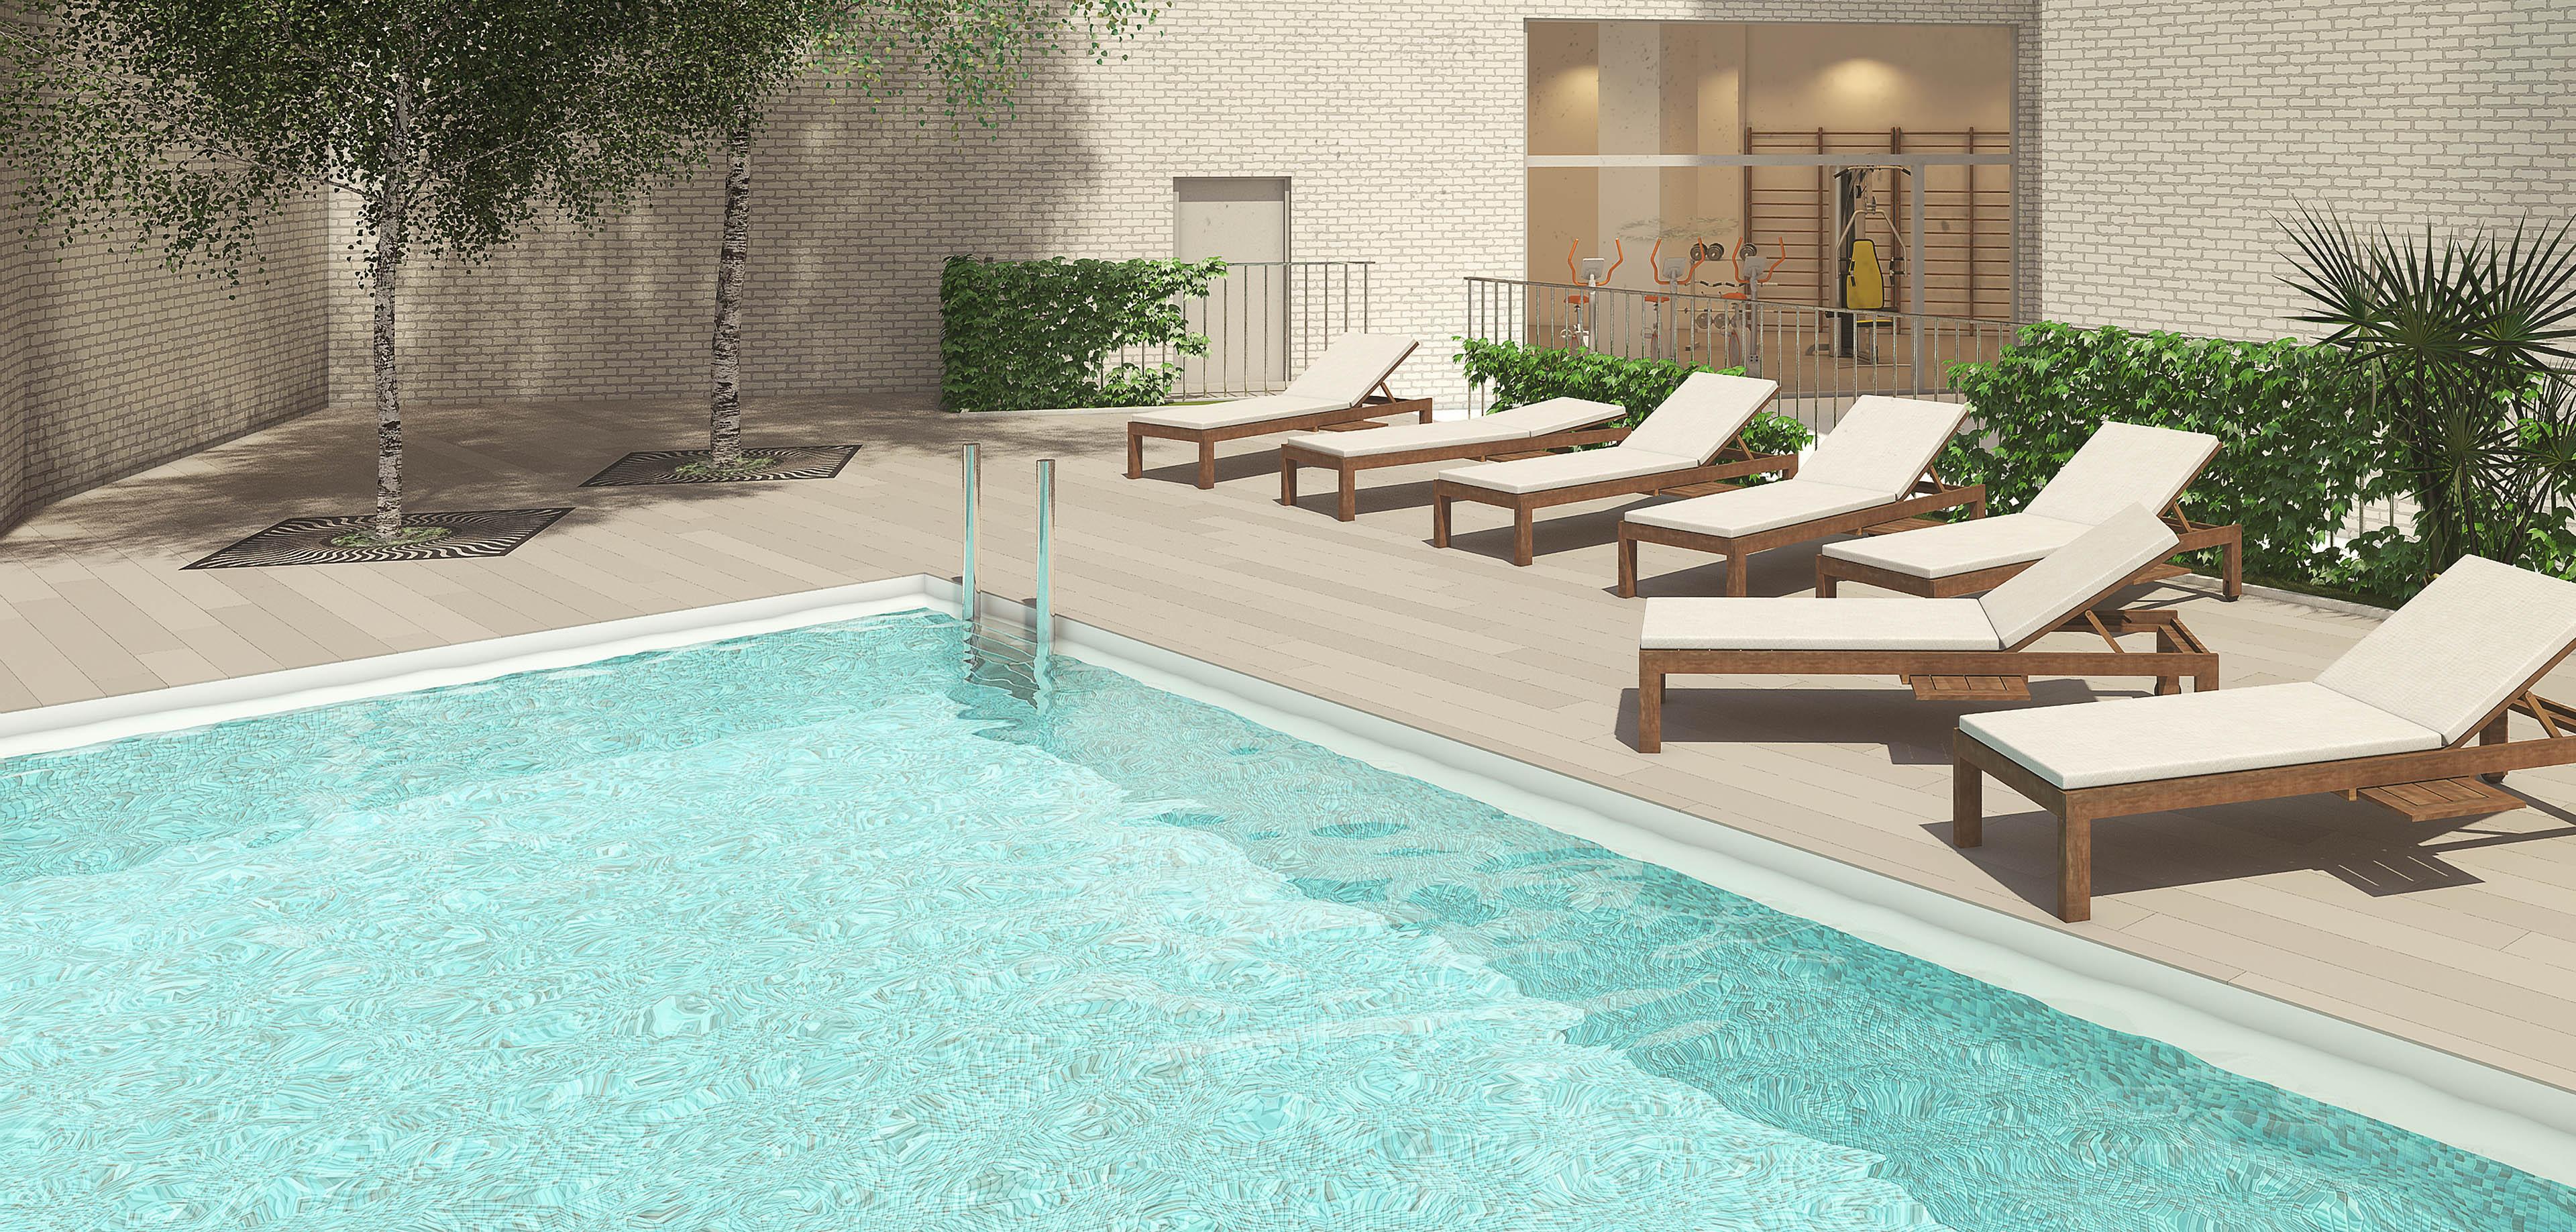 Edificio torre patraix vivienda nueva valencia salvador vila for Gimnasio y piscina